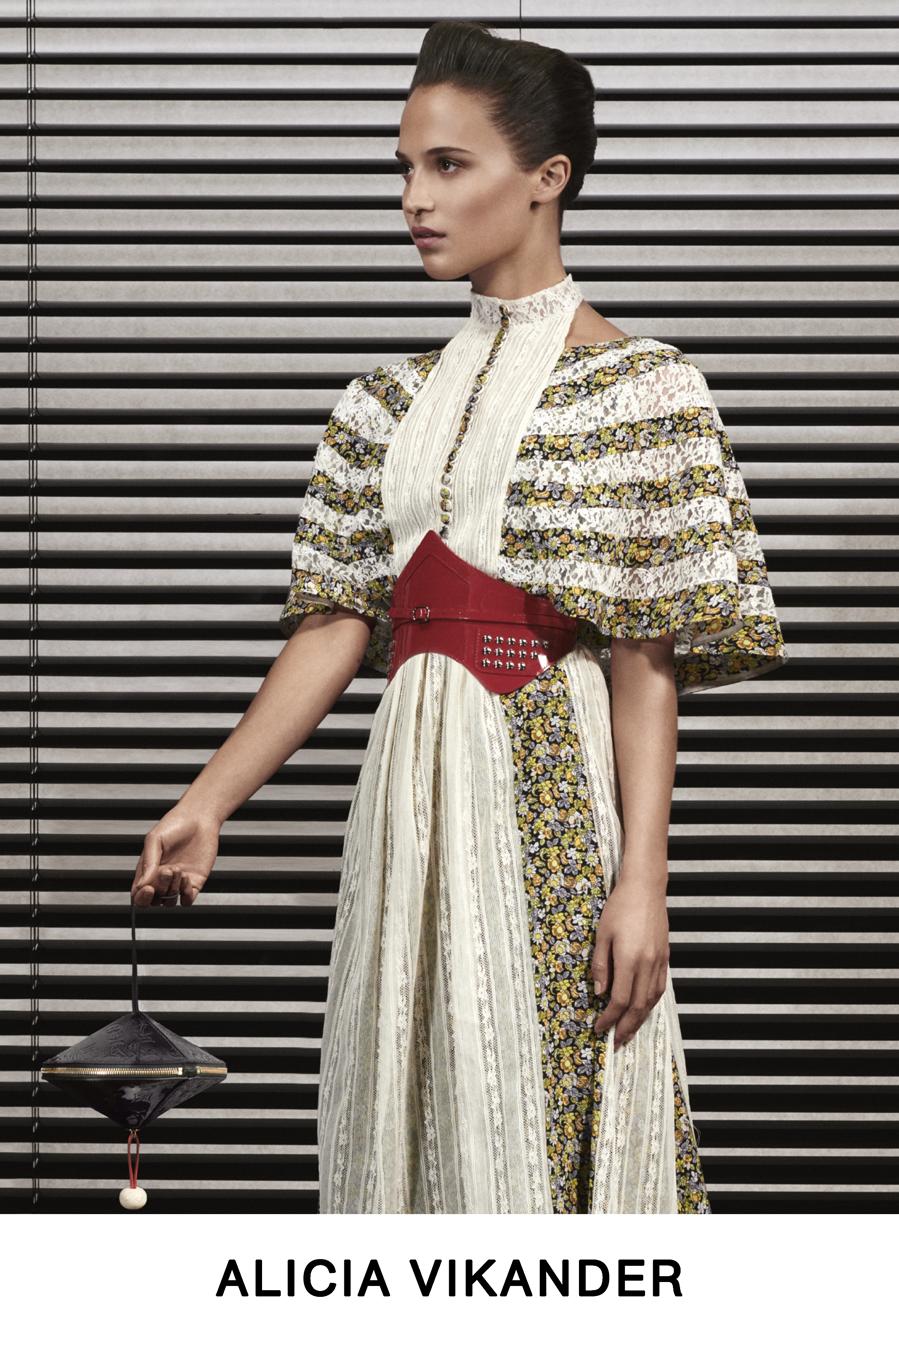 Alicia Vikander - Colección Pre-Fall 2019 de Louis Vuitton